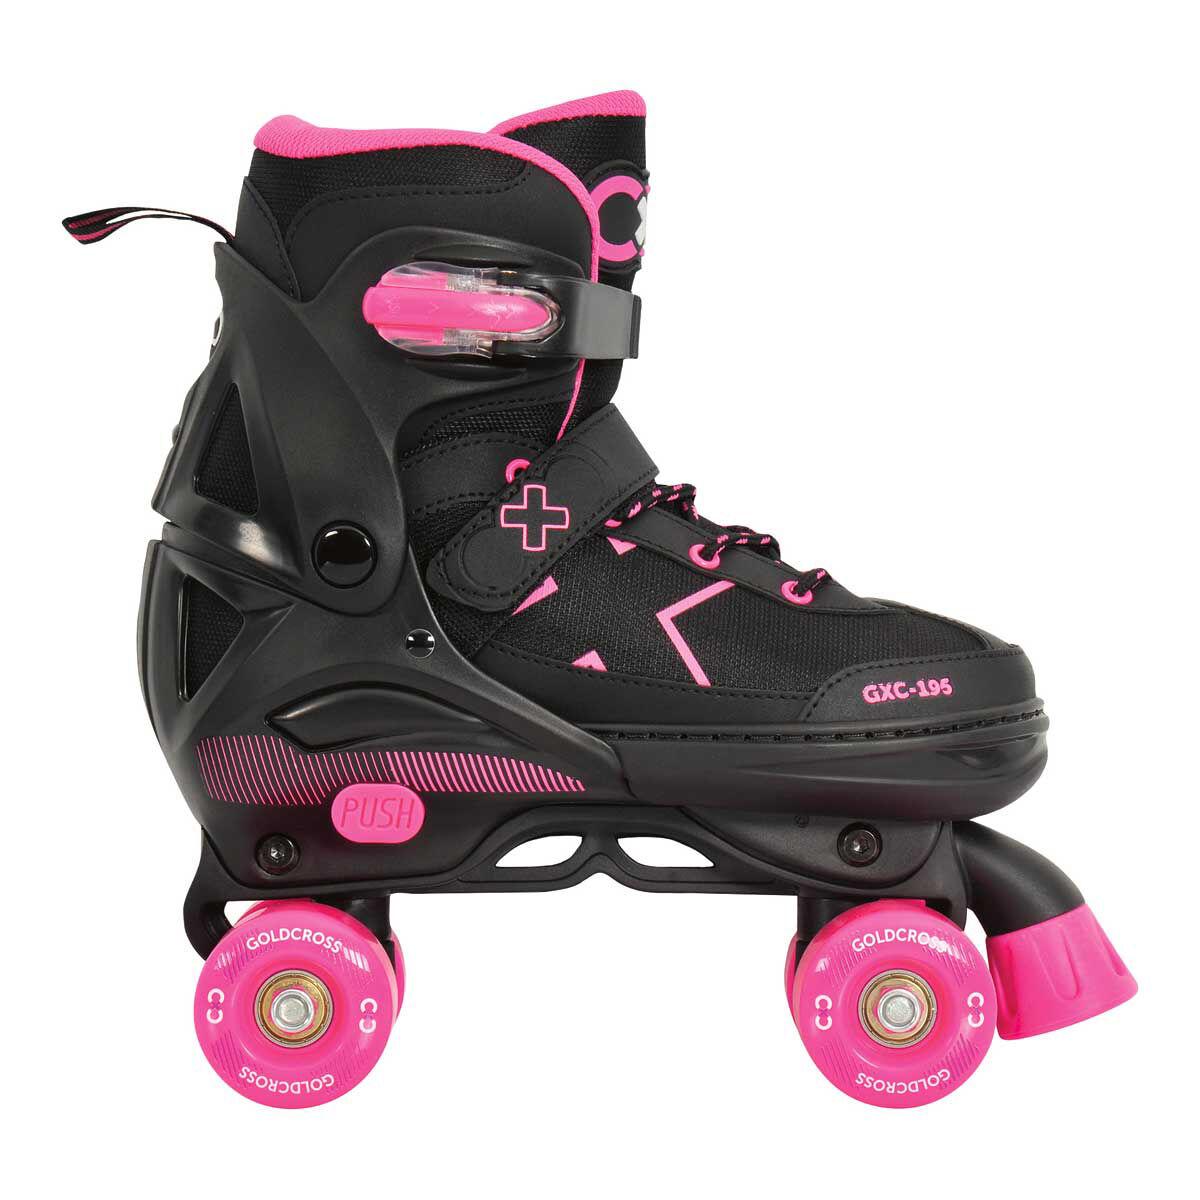 Goldcross 195 Roller Skates